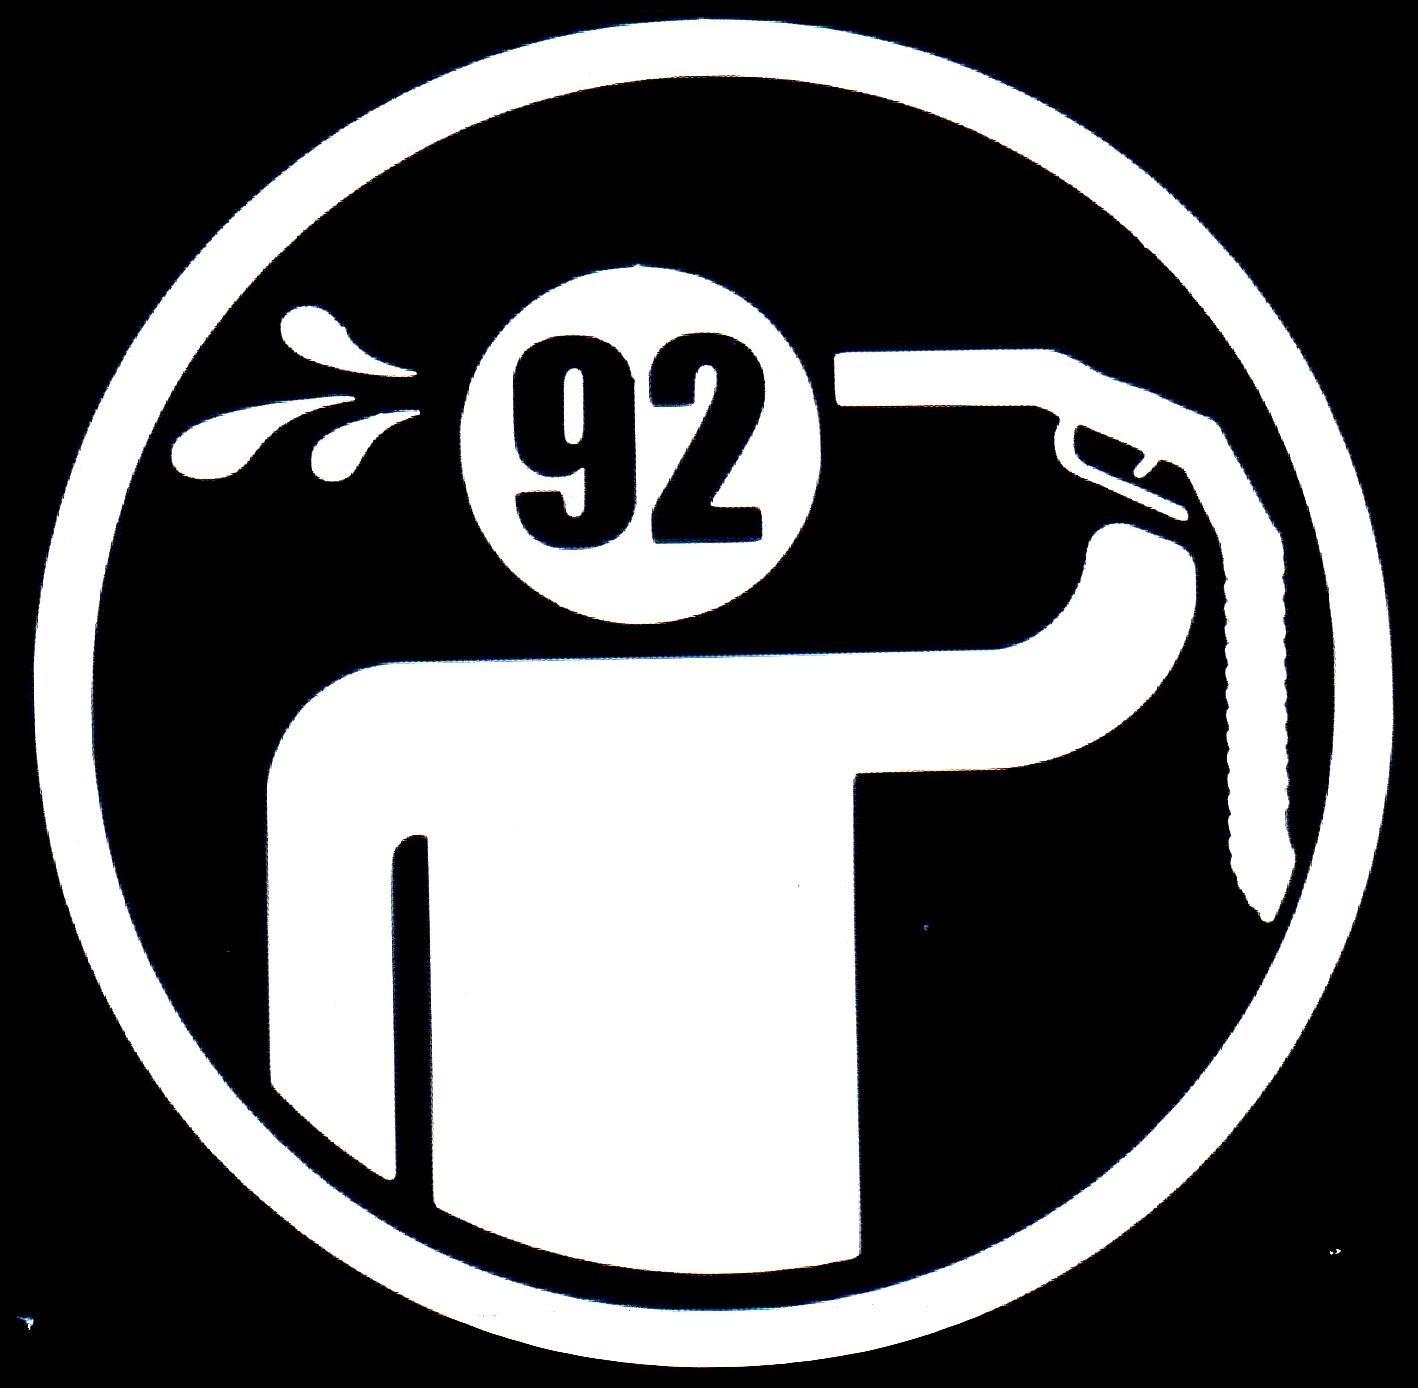 Наклейка автомобильная Mashinokom Цена АИ-92, VRC 015-11, 11,5*11,5 см наклейка автомобильная decoretto великая отечественная виниловая 37 х 50 см